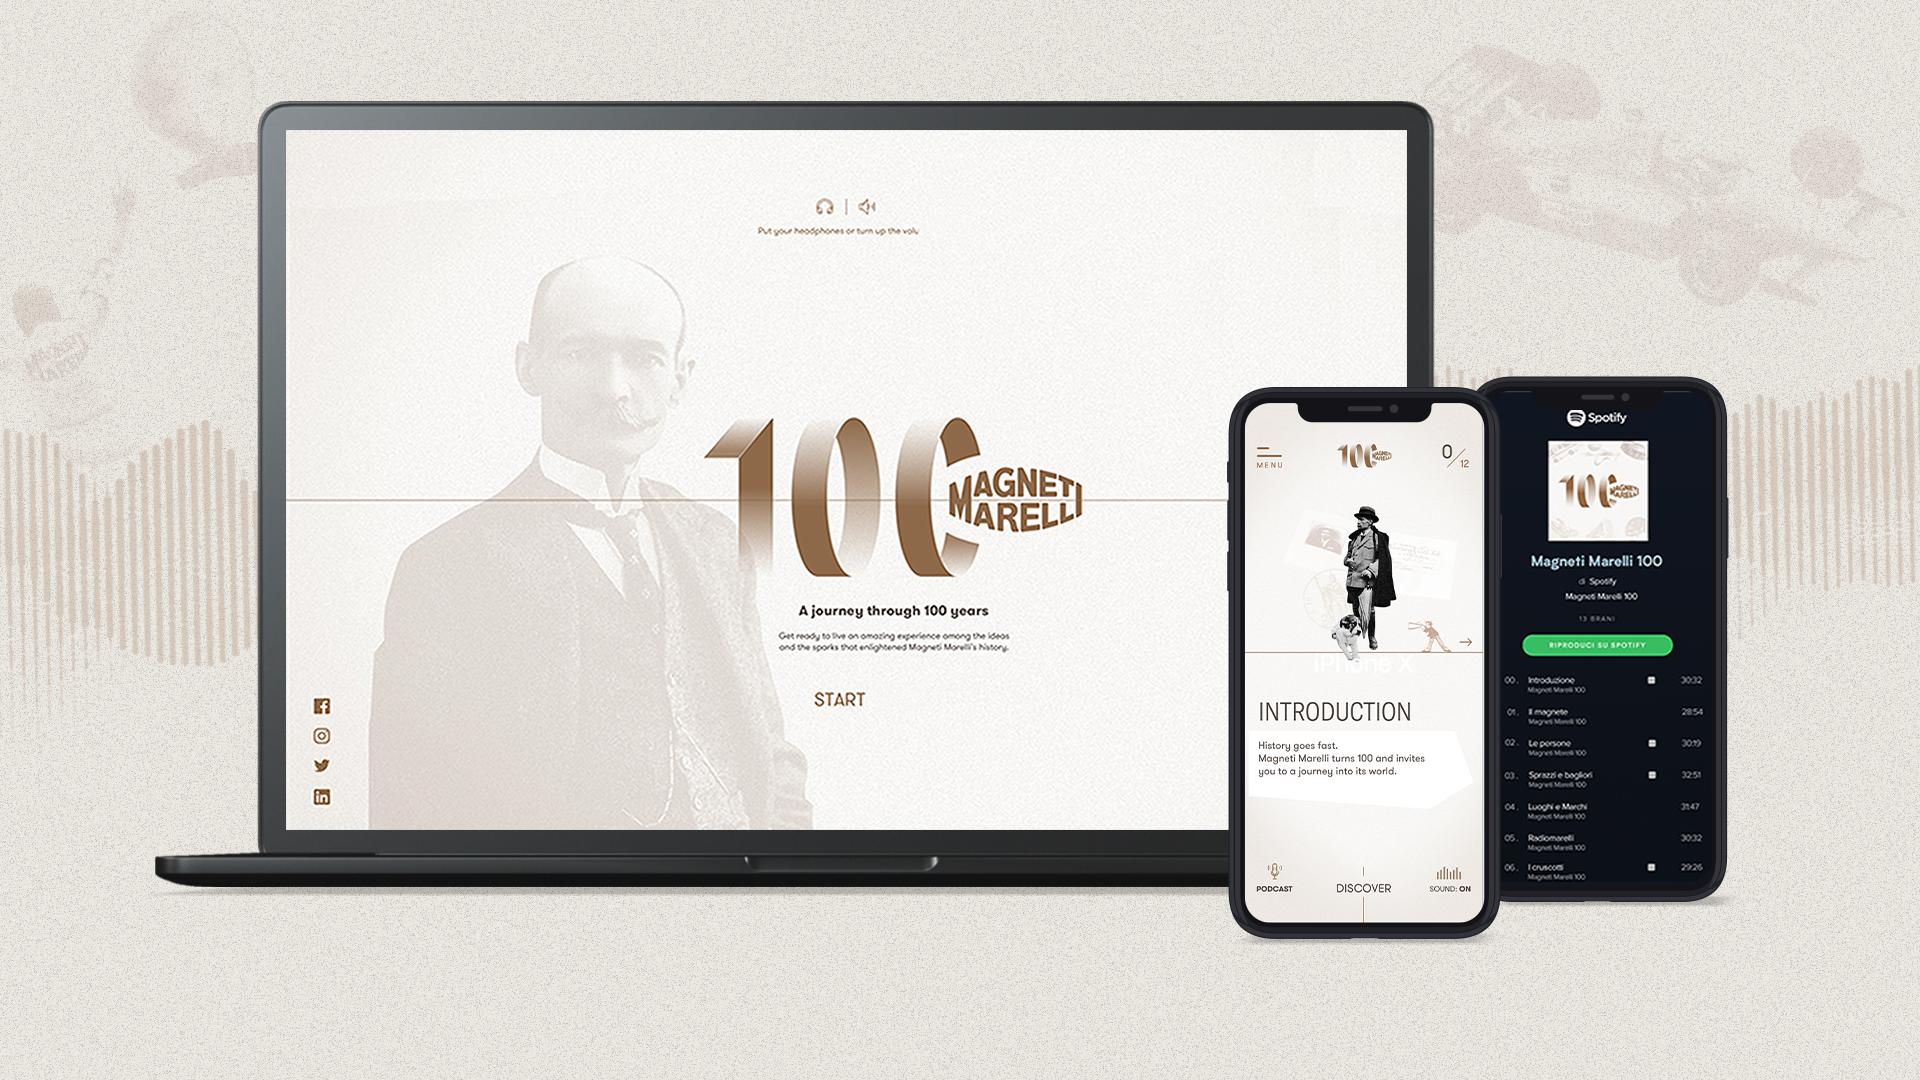 L'innovazione di Marelli: uno storytelling in formato podcast